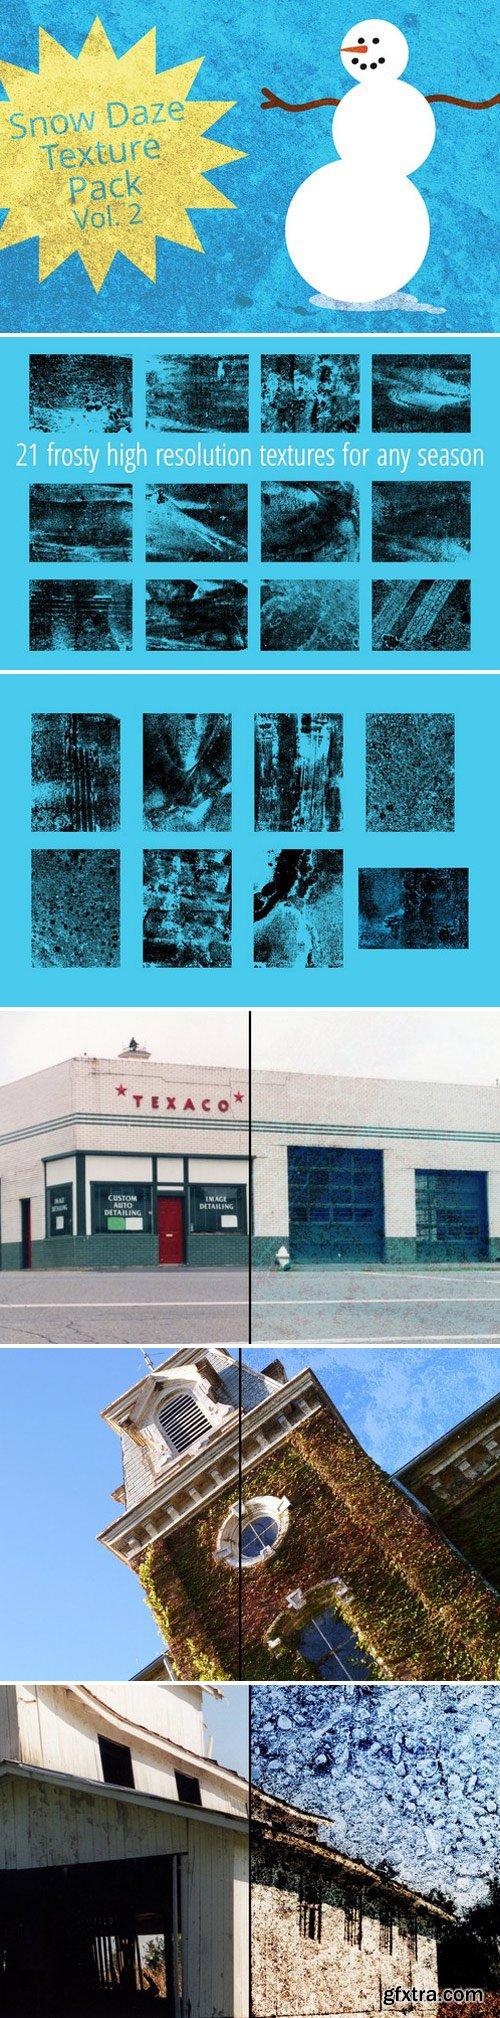 CM - Snow Daze Vol. 2 Texture Pack 2225268